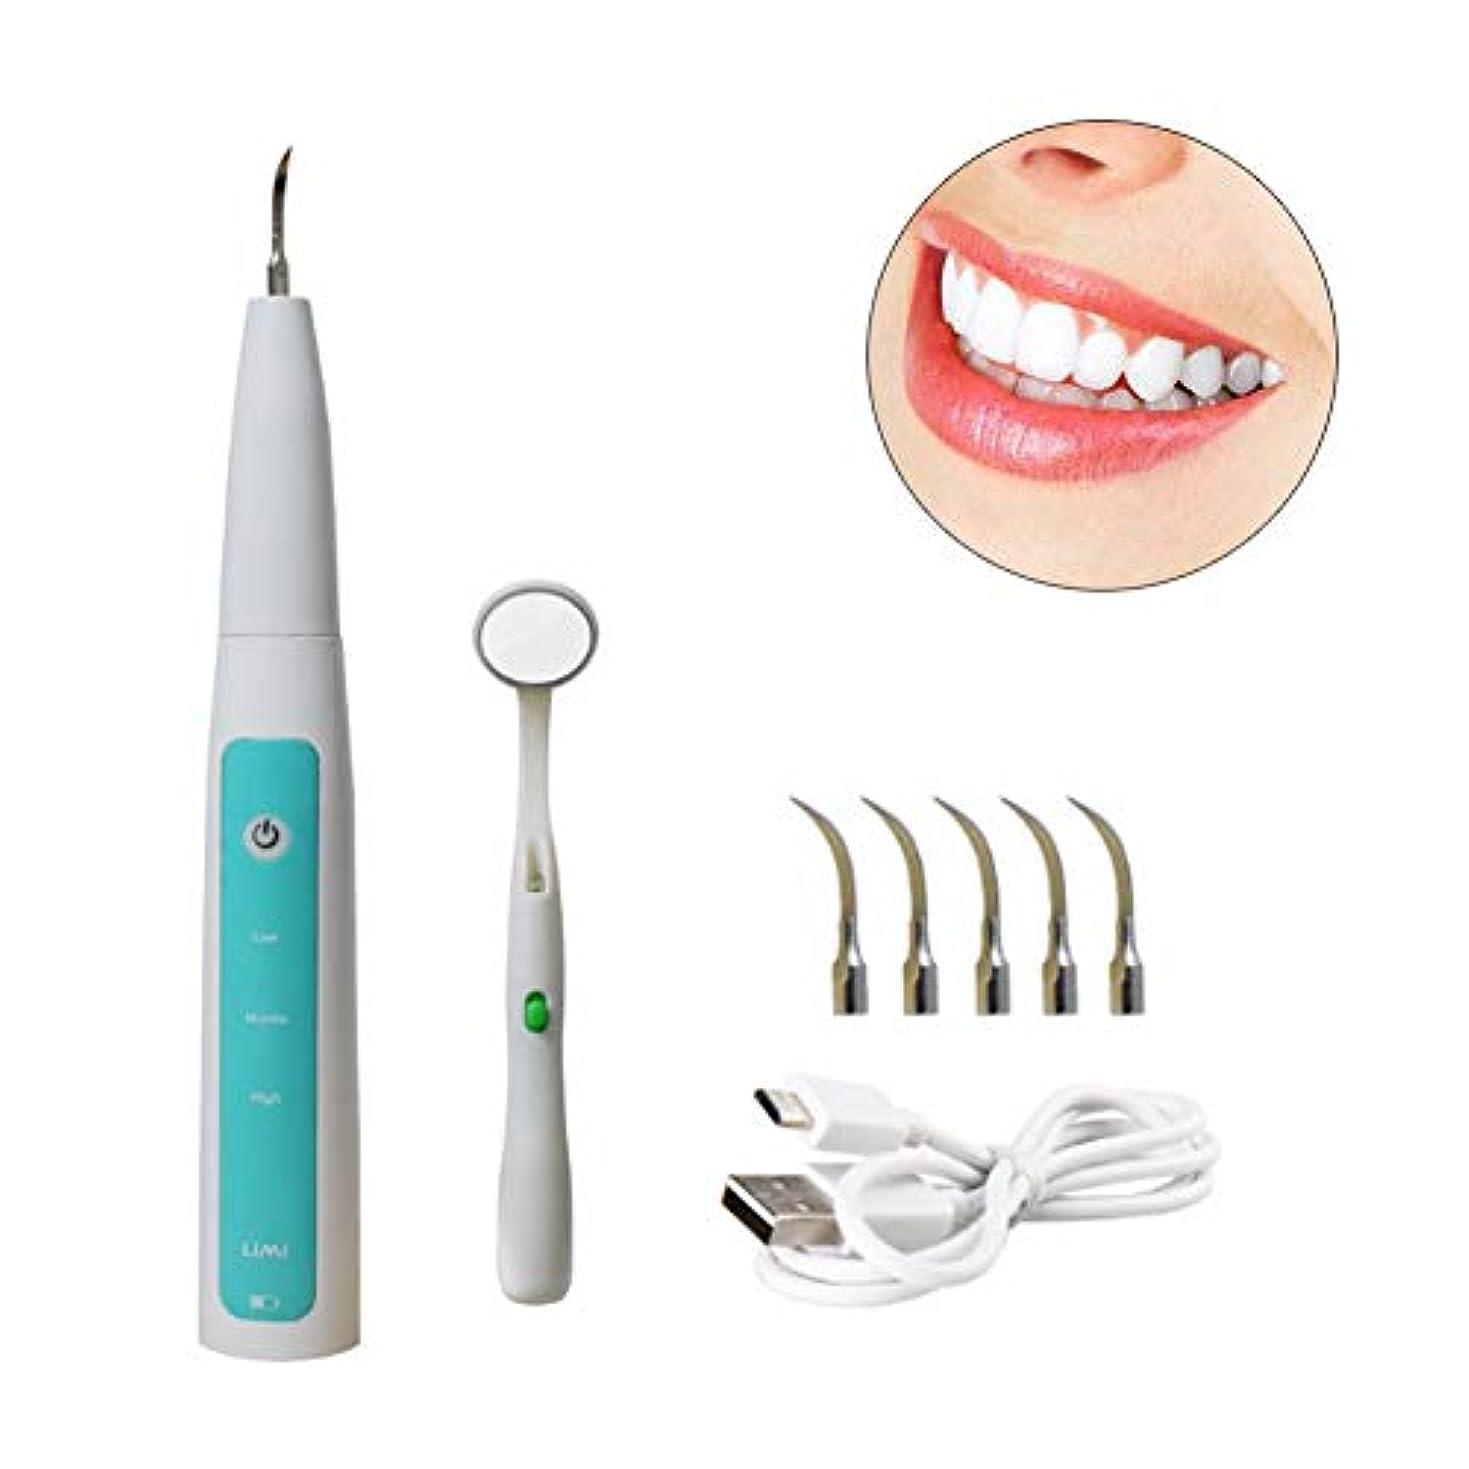 小競り合いリビジョン違反超音波歯磨き粉、歯石から汚れを除去するために微積分から赤い歯を排除するためのインテリジェントな電気洗浄装置